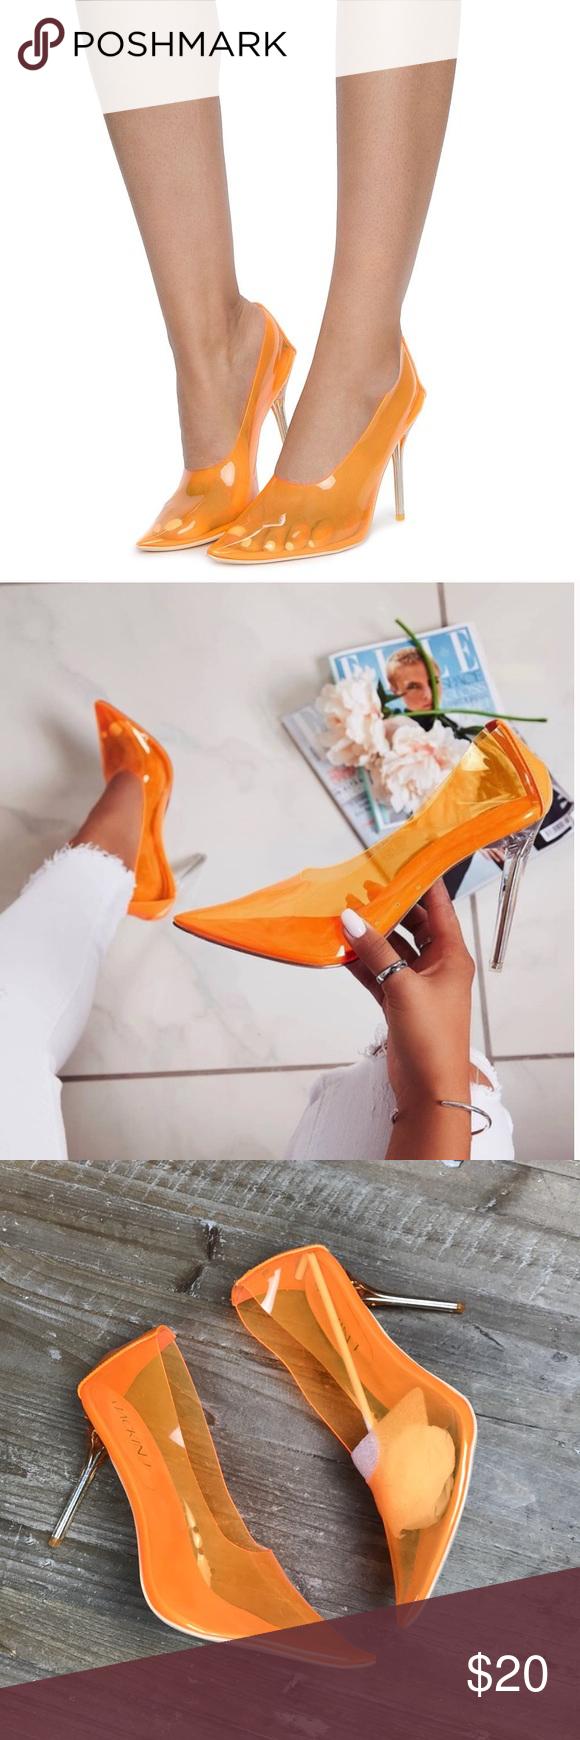 clear Orange transparent stiletto heels